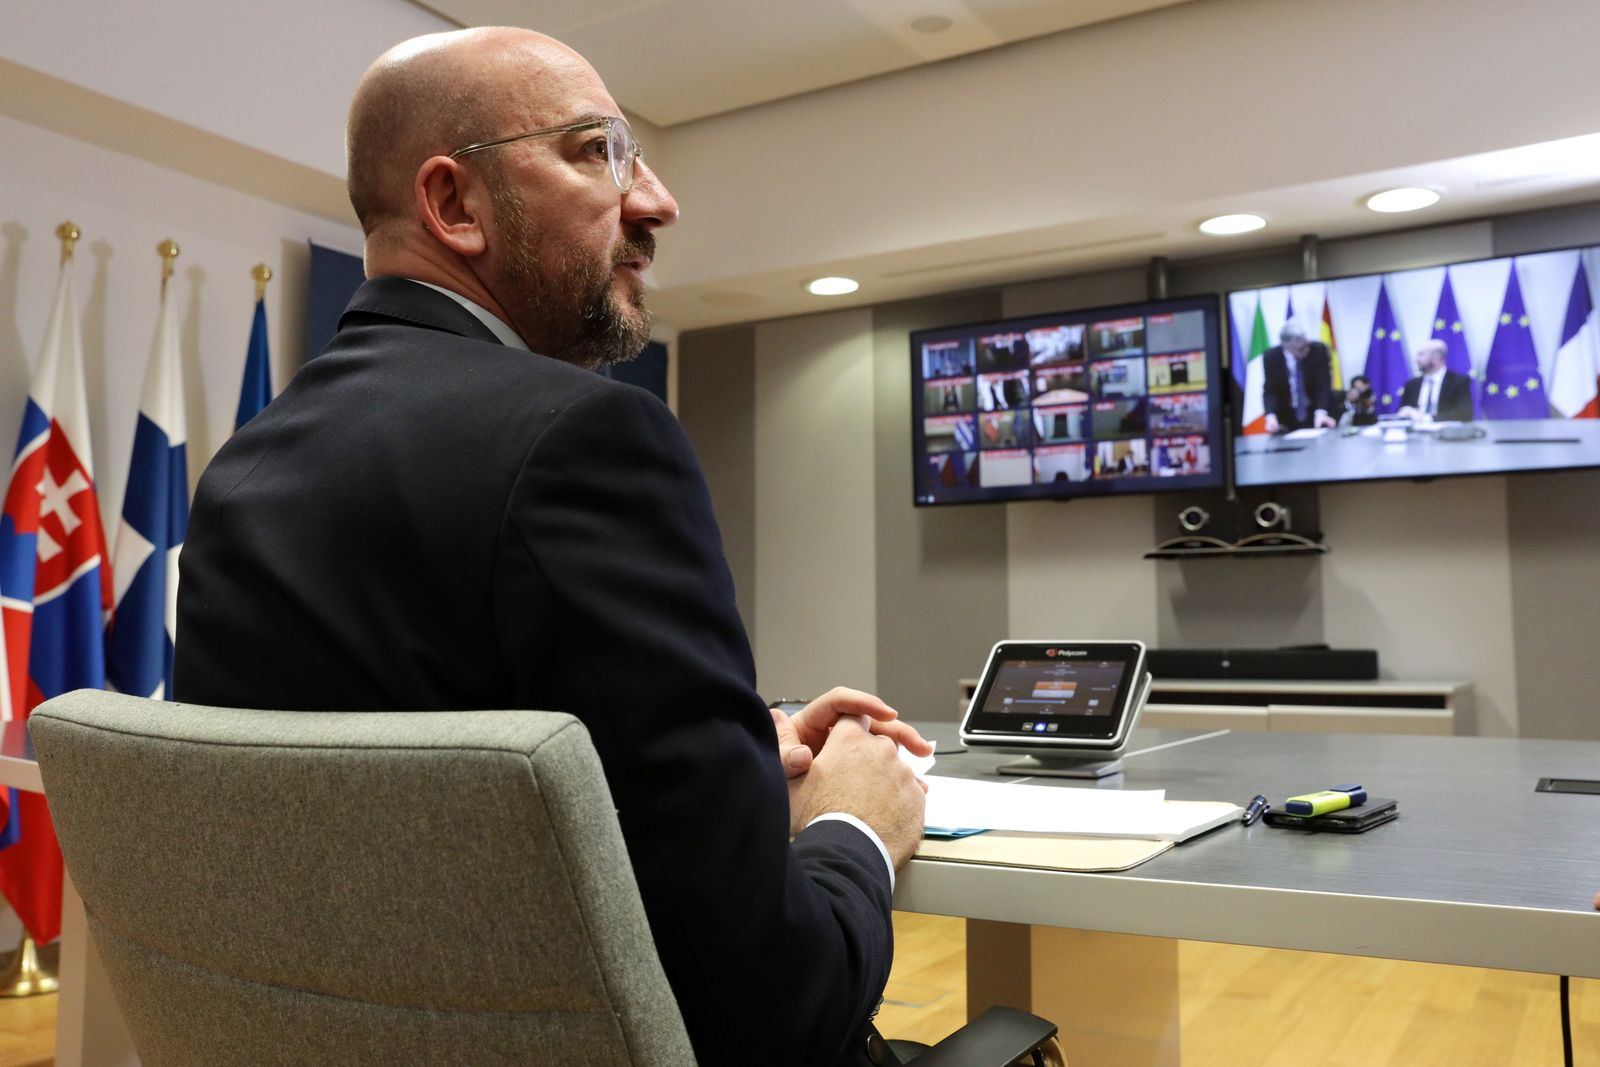 Videoschalten statt Gipfeltreffen: Diplomatie in Corona-Zeiten